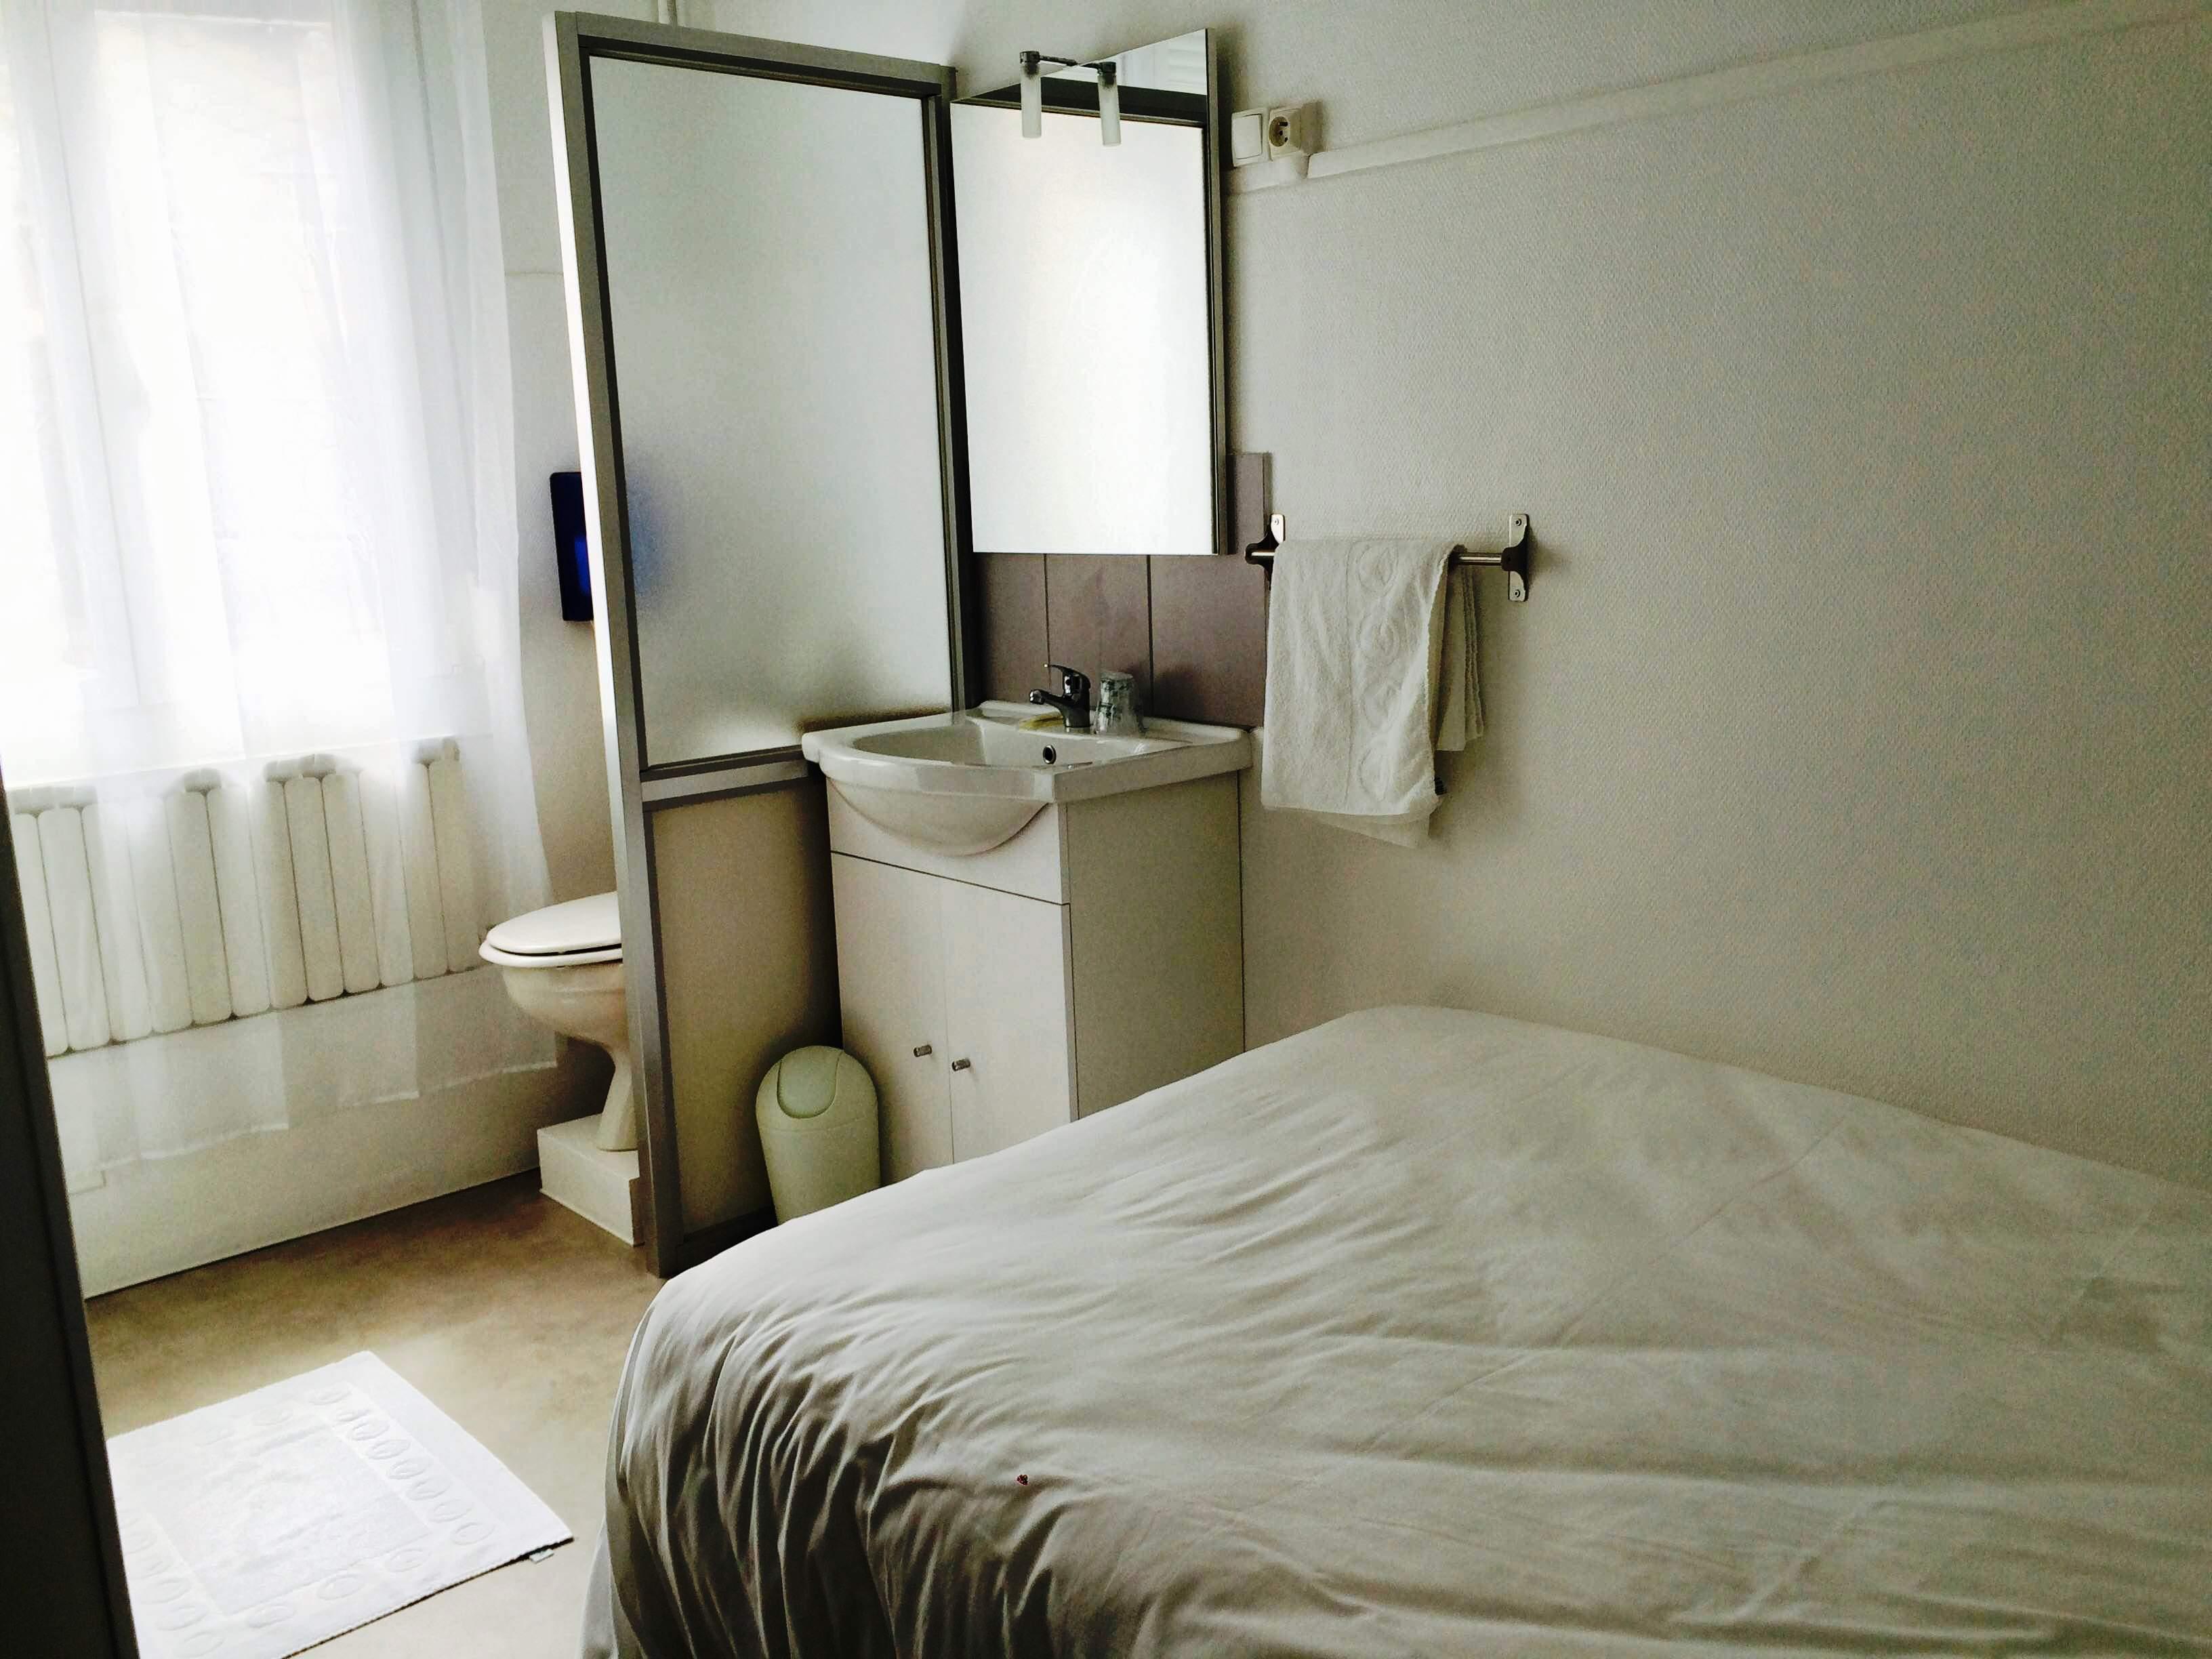 Chambre conomique h tel de normandie for Chambre hotel normandie